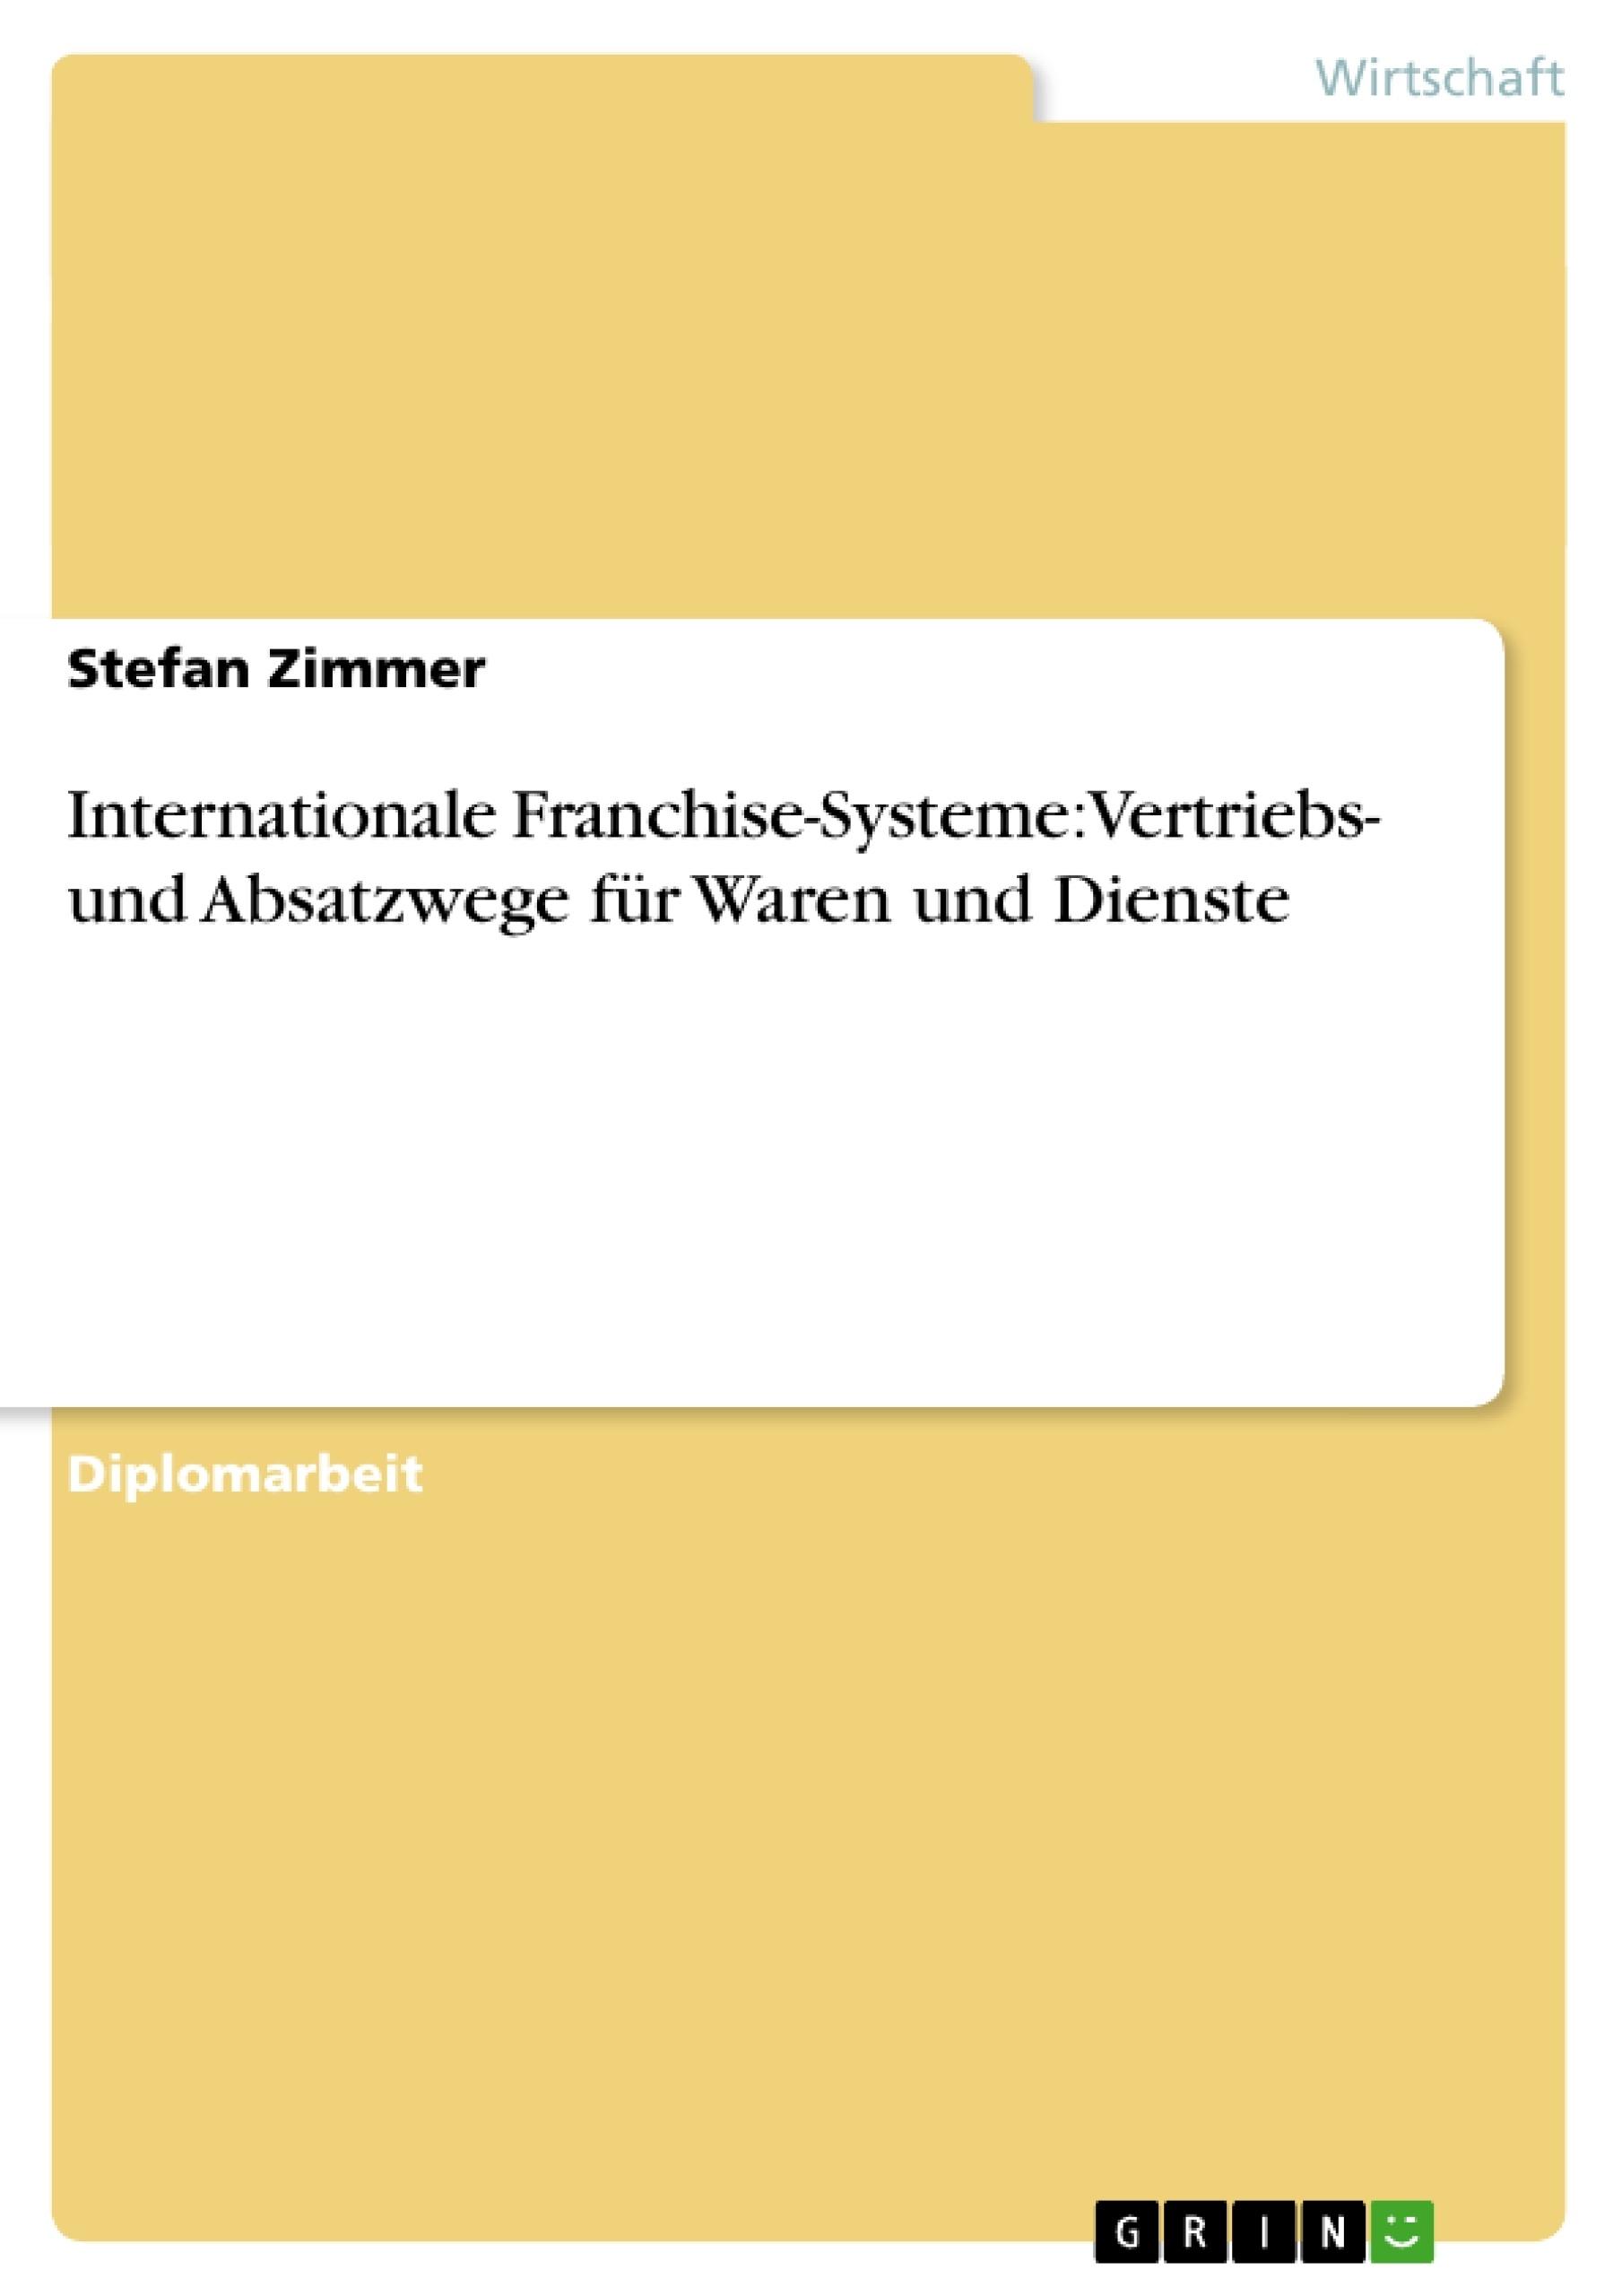 Titel: Internationale Franchise-Systeme: Vertriebs- und Absatzwege für Waren und Dienste